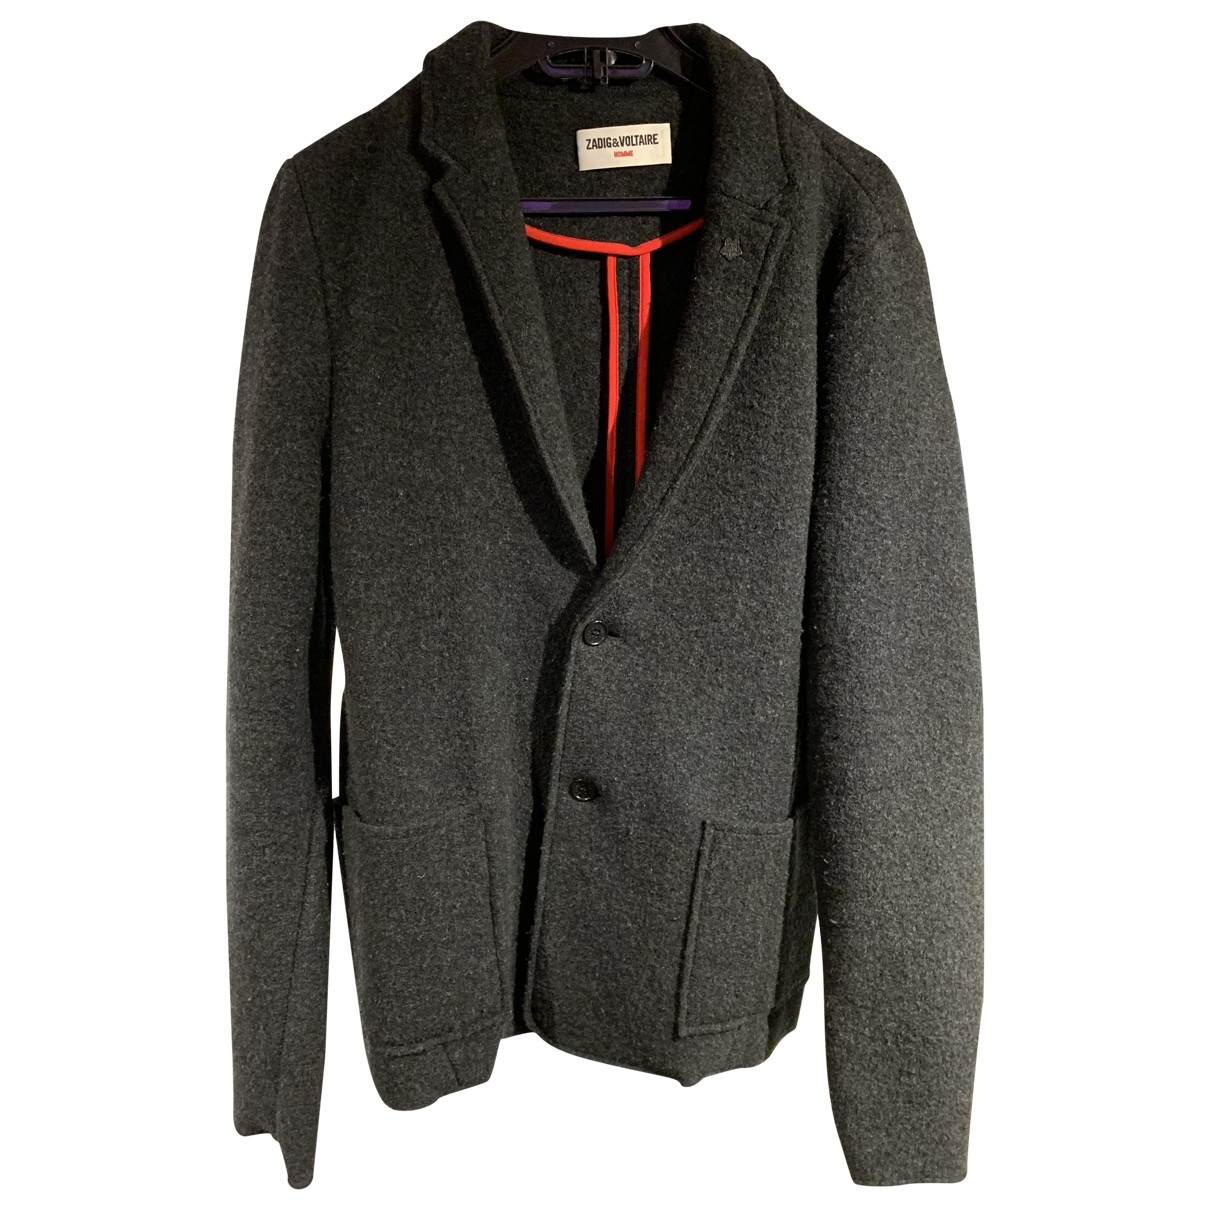 Zadig & Voltaire - Vestes.Blousons   pour homme en laine - gris